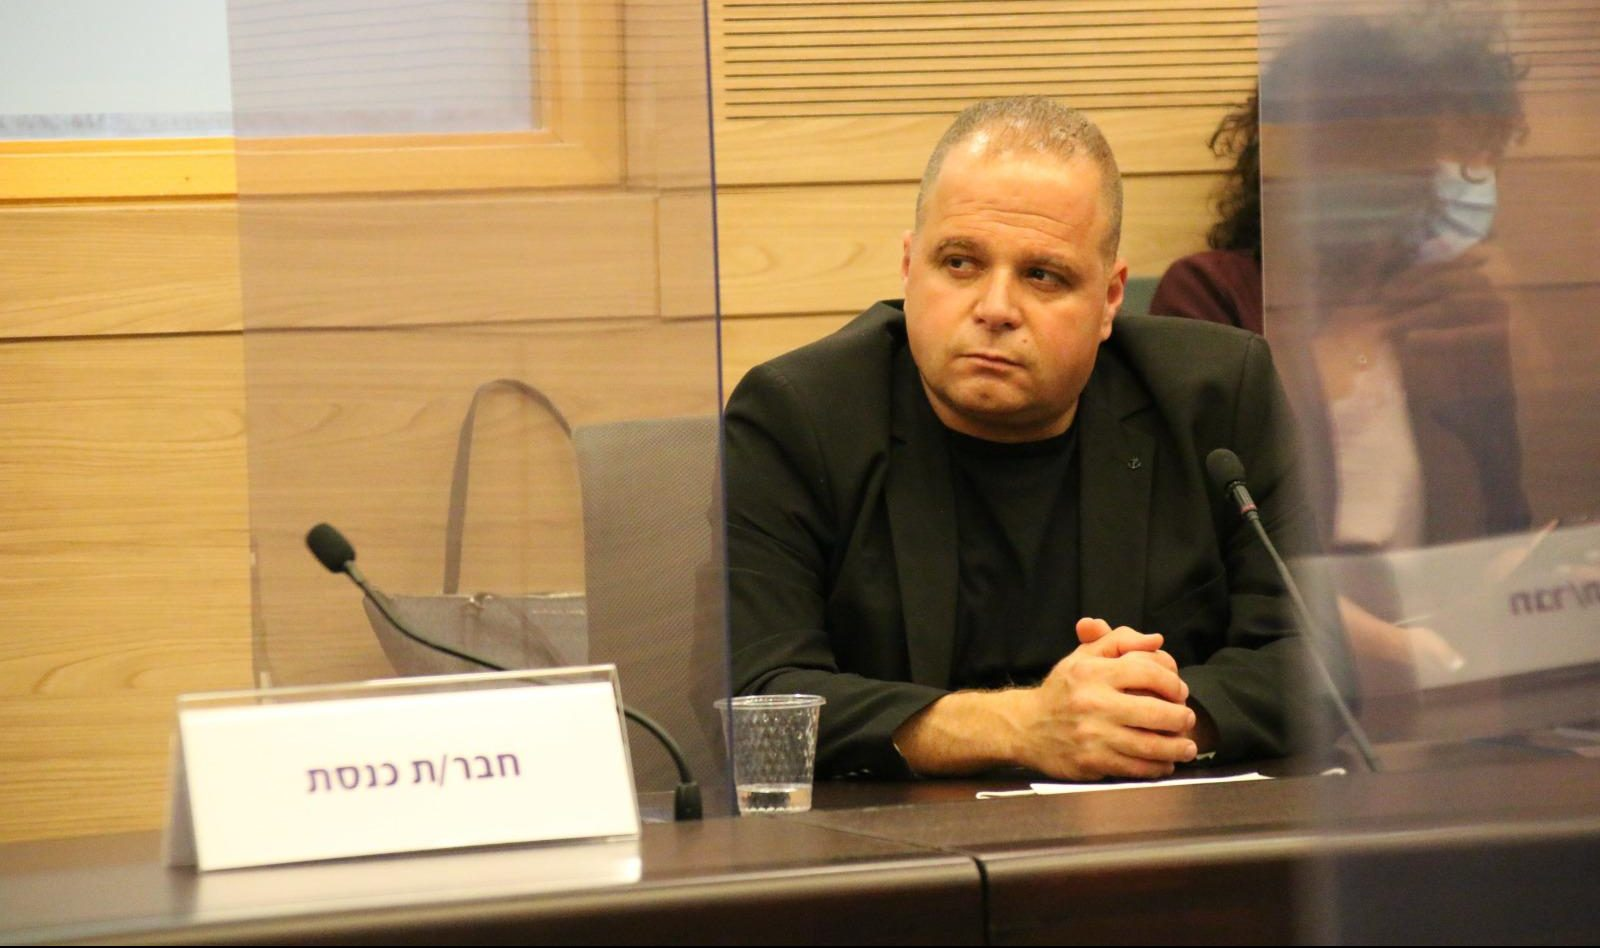 תומר גלאם בוועדה בכנסת. צילום: דוברות עיריית אשקלון